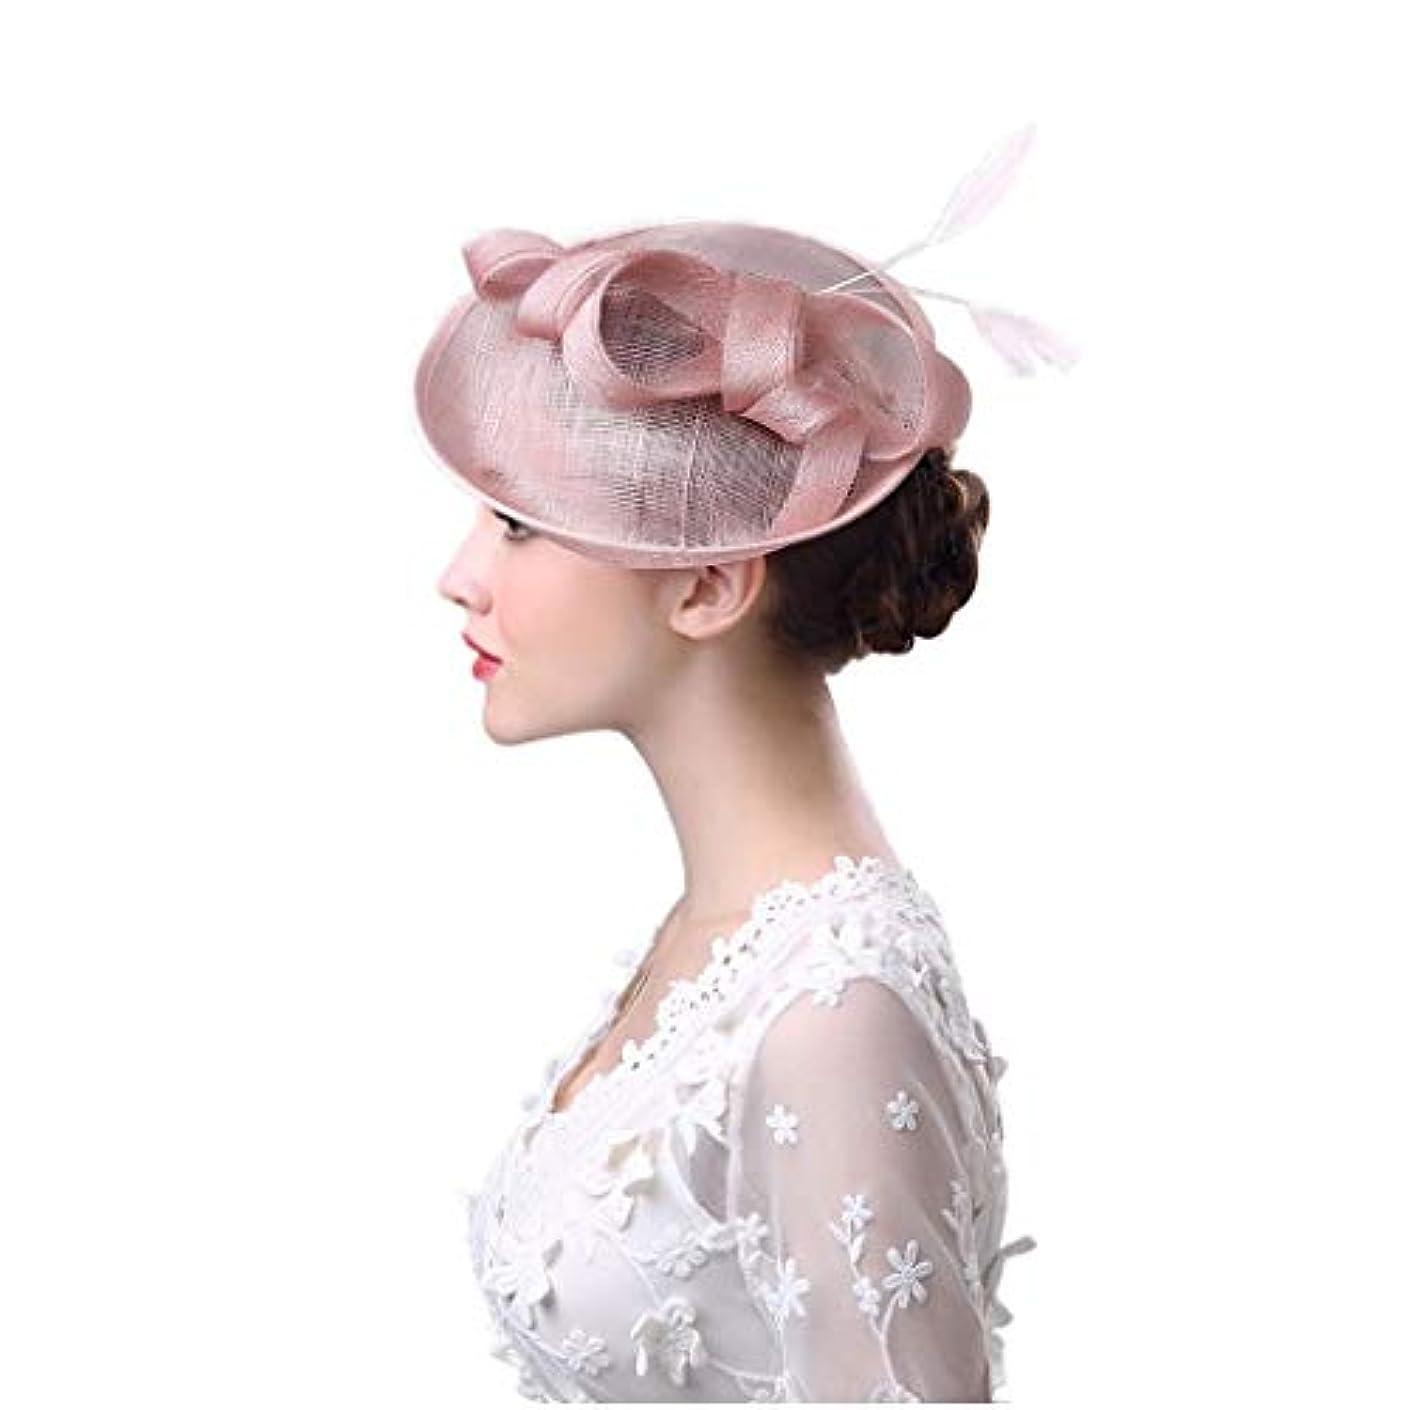 シーンゲスト冗長ブライダルヘッドドレス、ボウフェザーヘッドドレス夏ヨーロッパとアメリカのアウトドアレディース帽子洋風リネン糸宴会花嫁の帽子